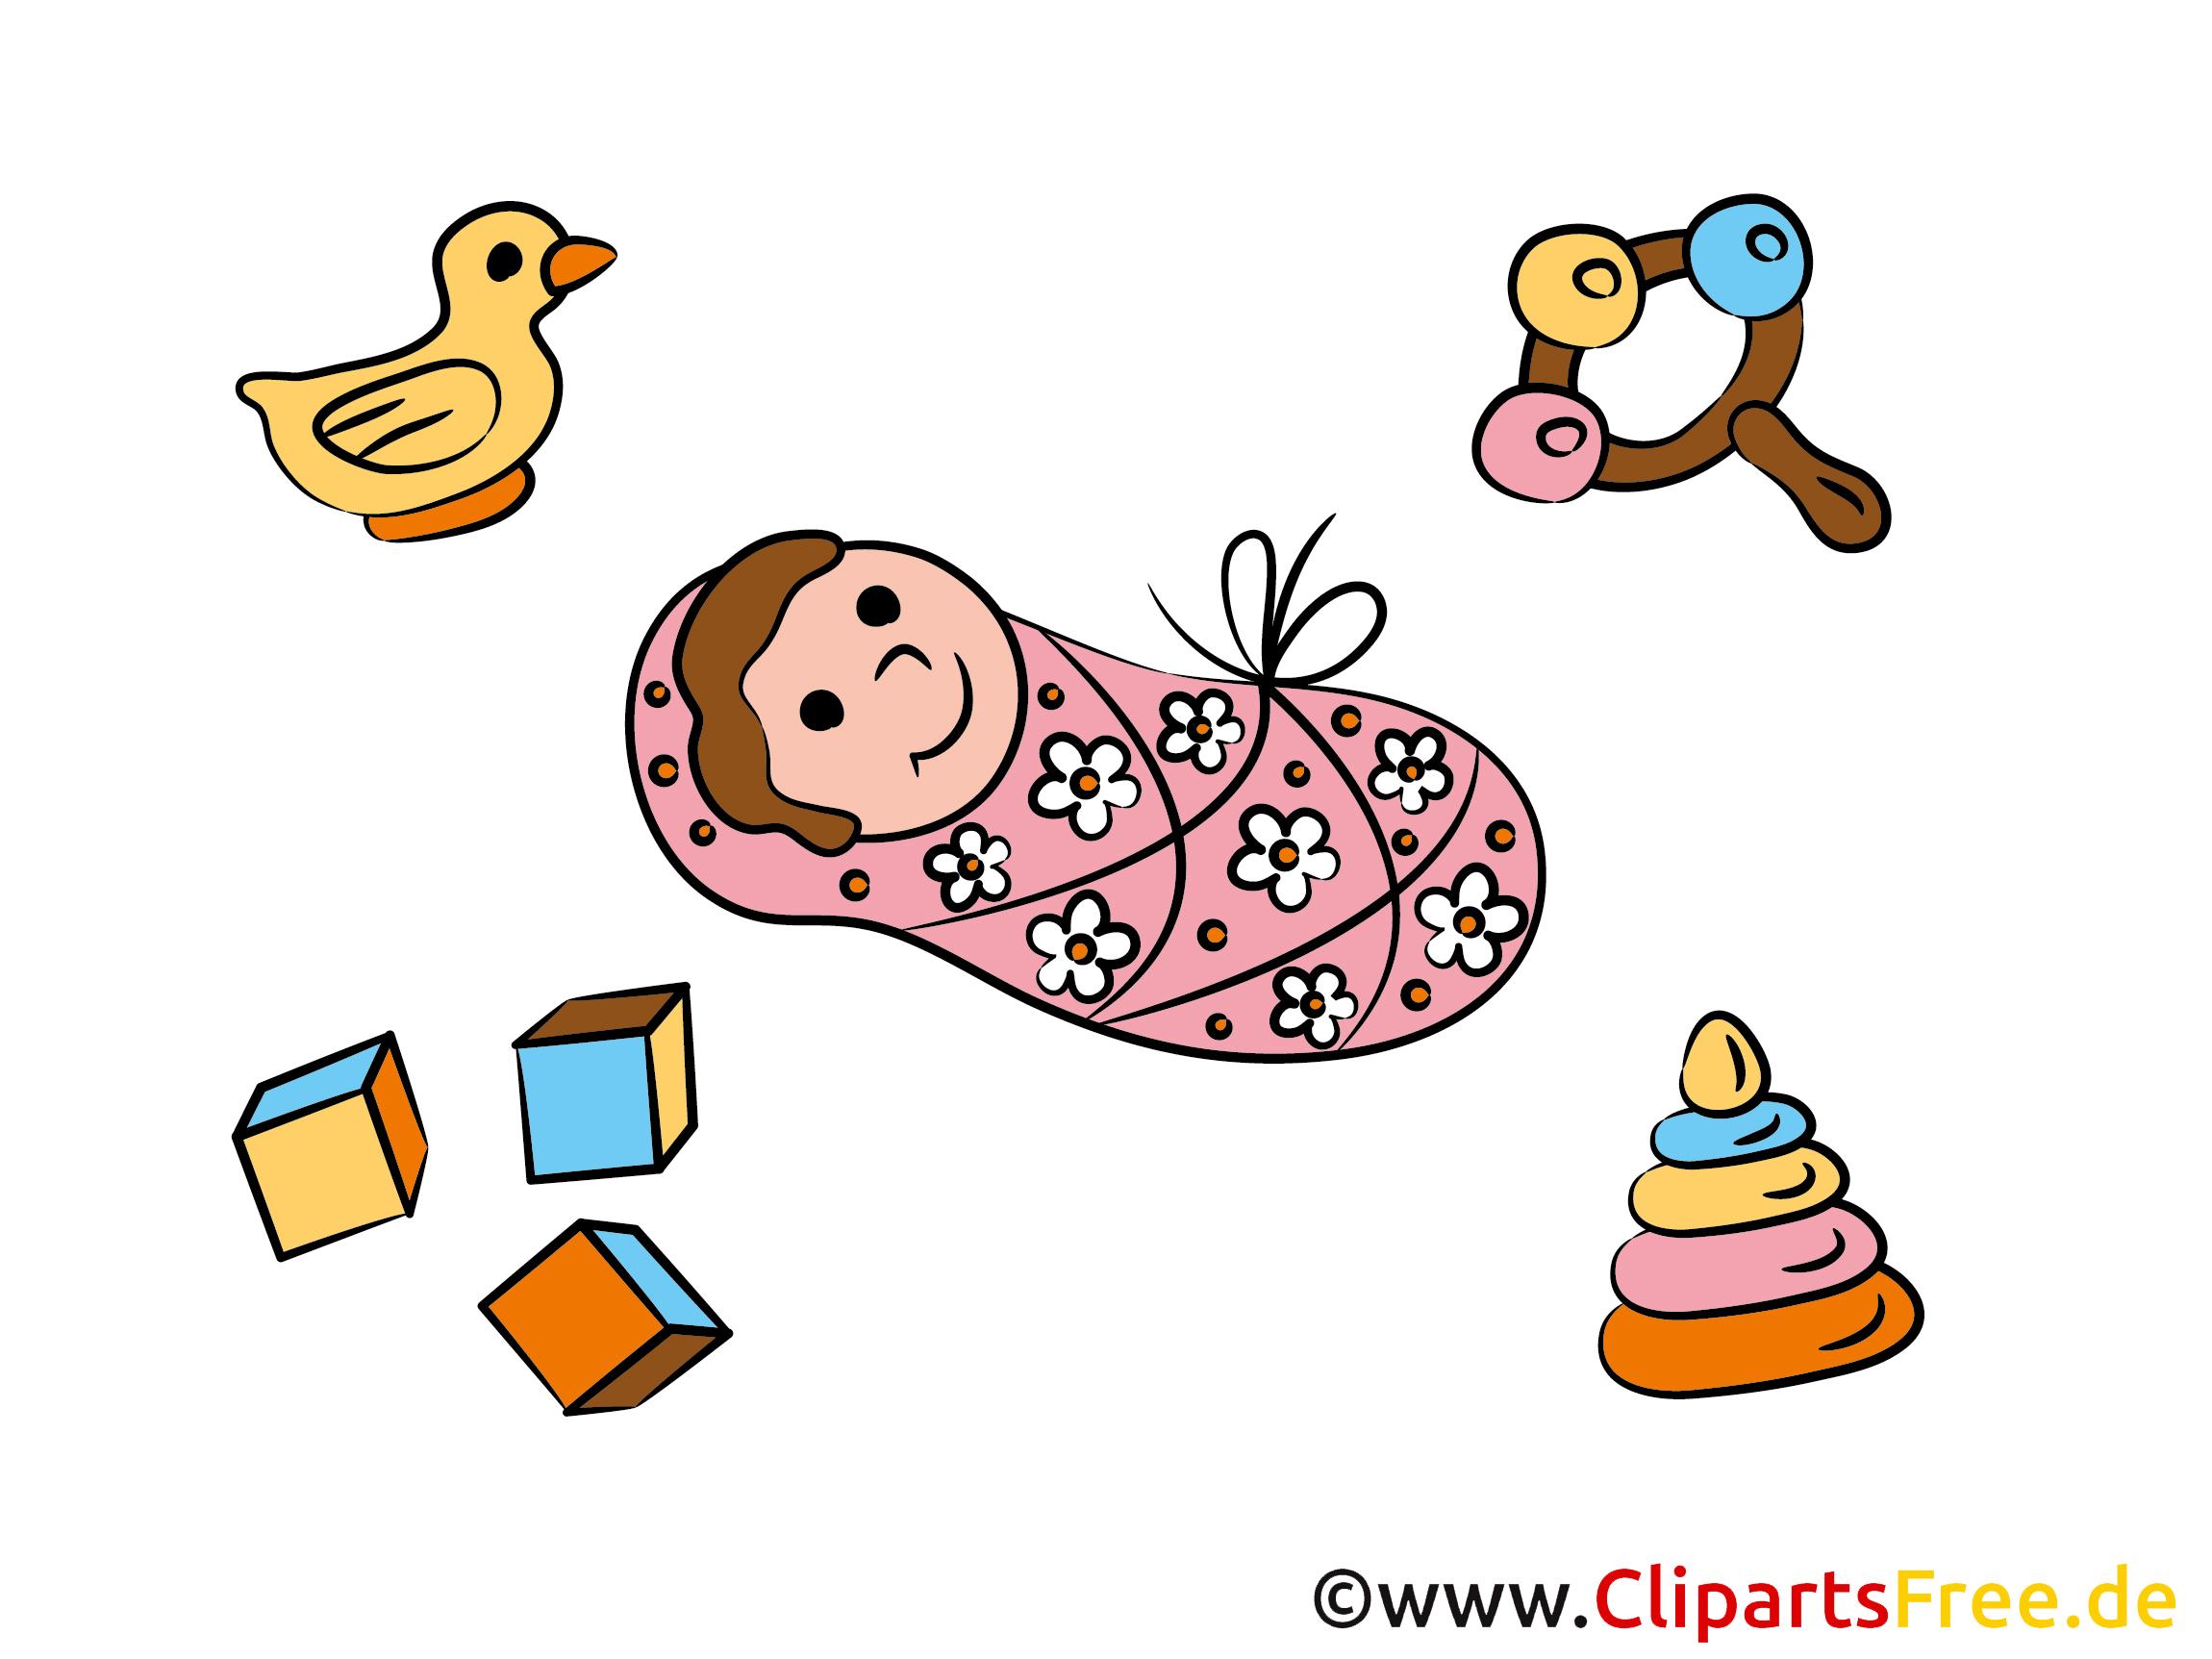 Geburtsbilder kostenlos zum Drucken